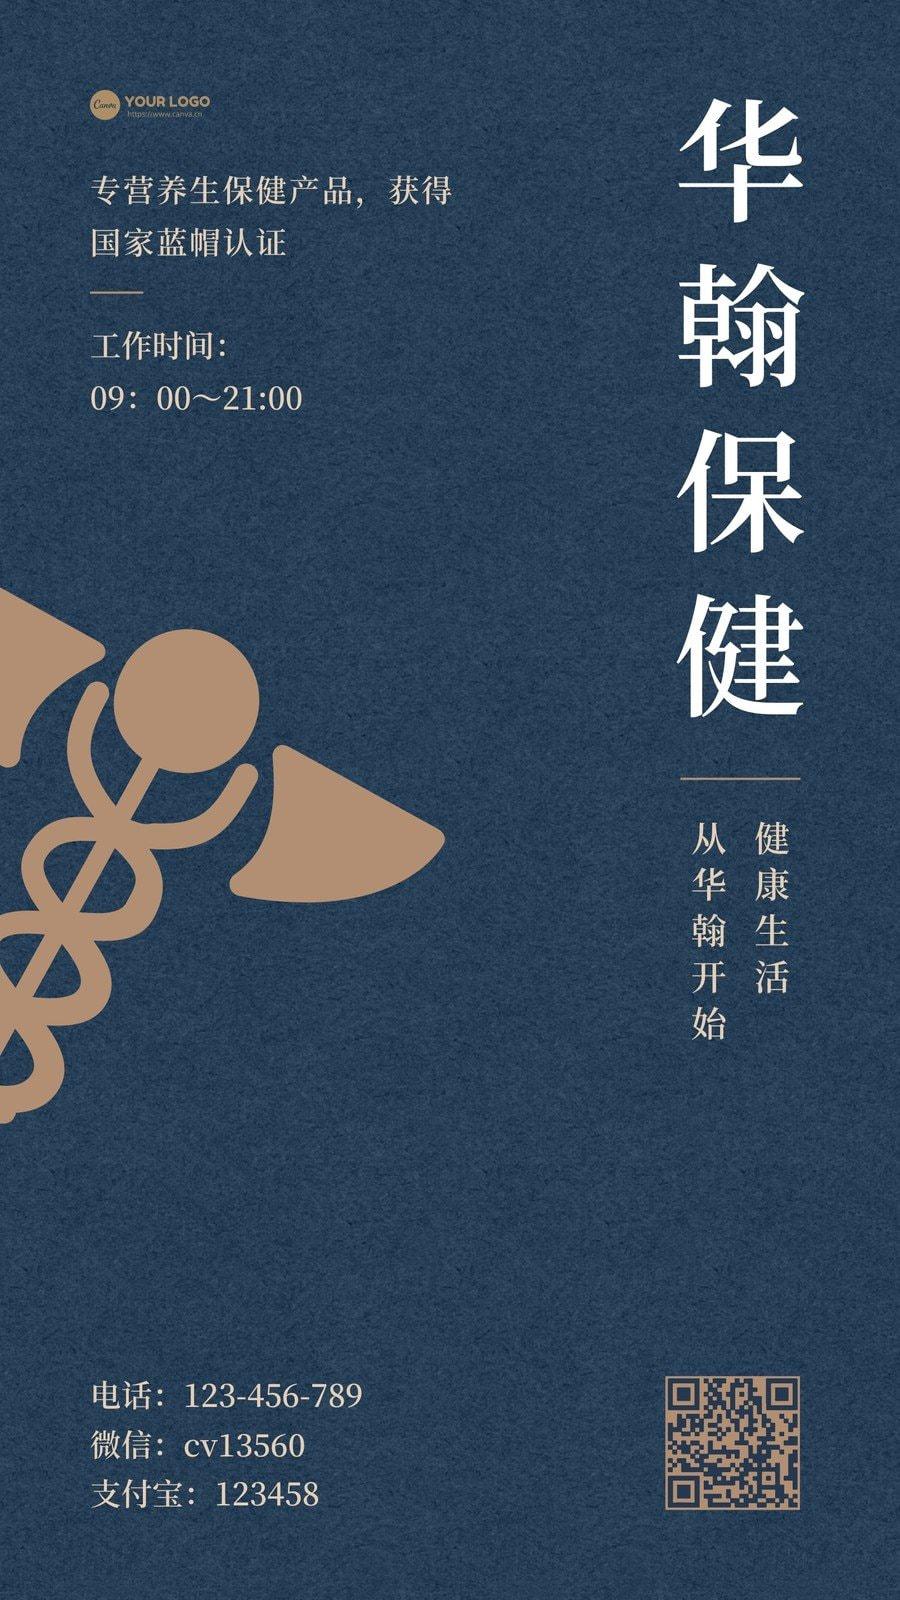 蓝金色医疗保健健康简洁医疗健康宣传中文电子名片